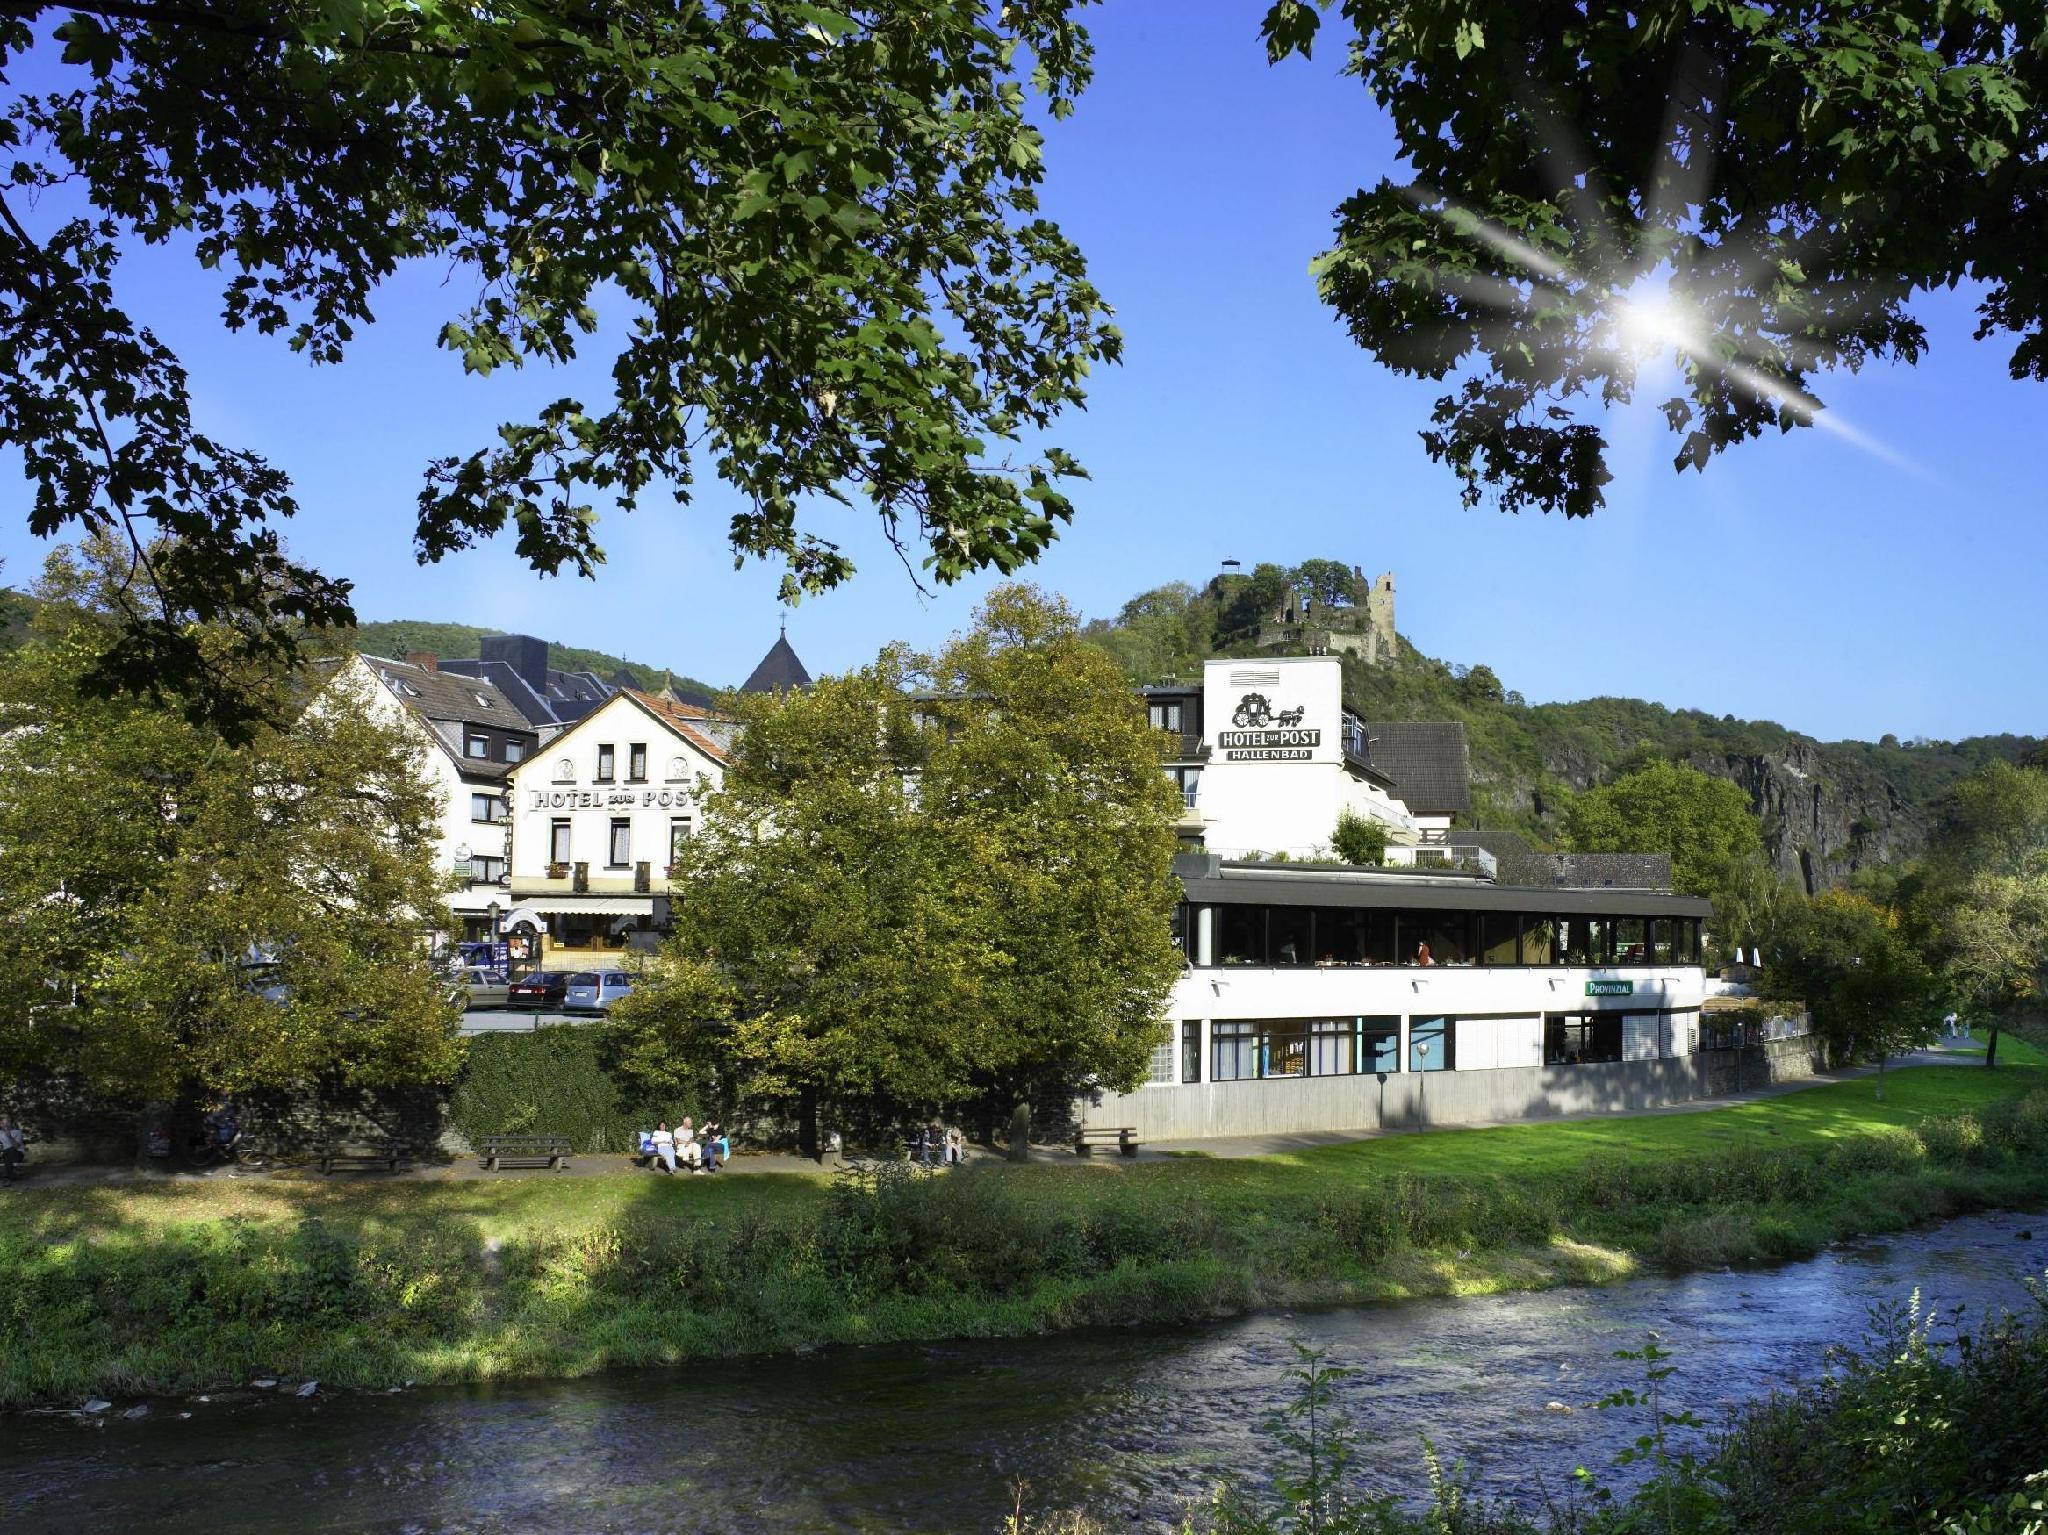 Land-gut-Hotel zur Post, Ahrweiler